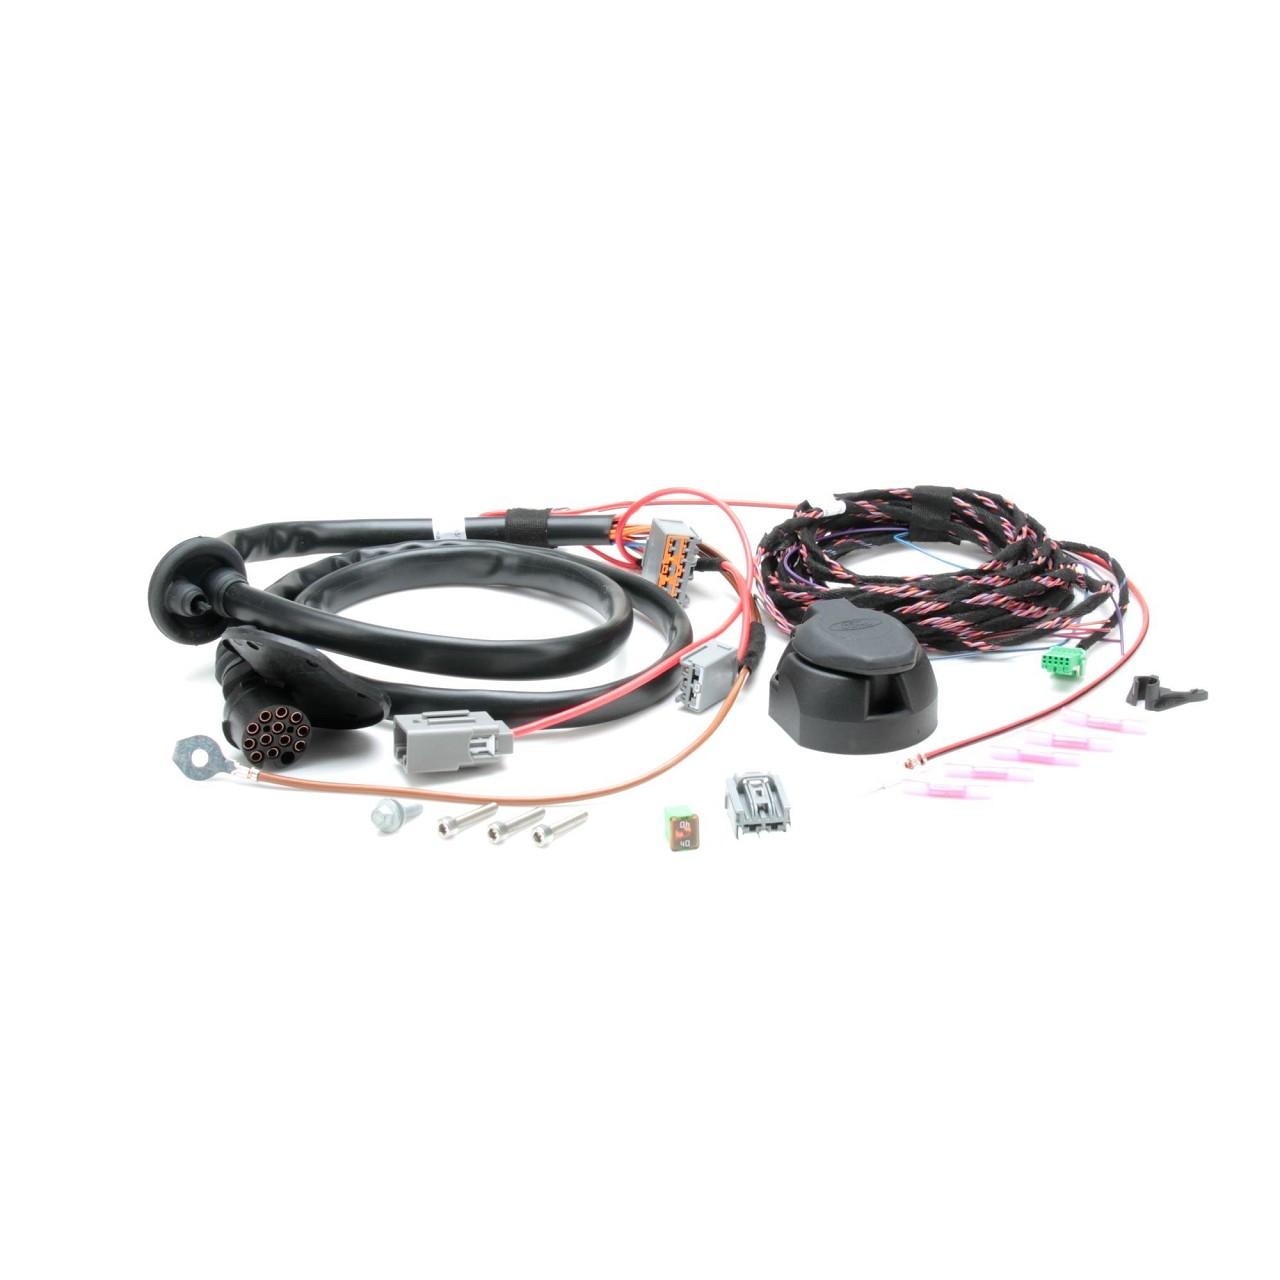 ORIGINAL Ford E-Satz Kabelsatz Anhängerkupplung Focus 3 Turnier 13-polig 1832037